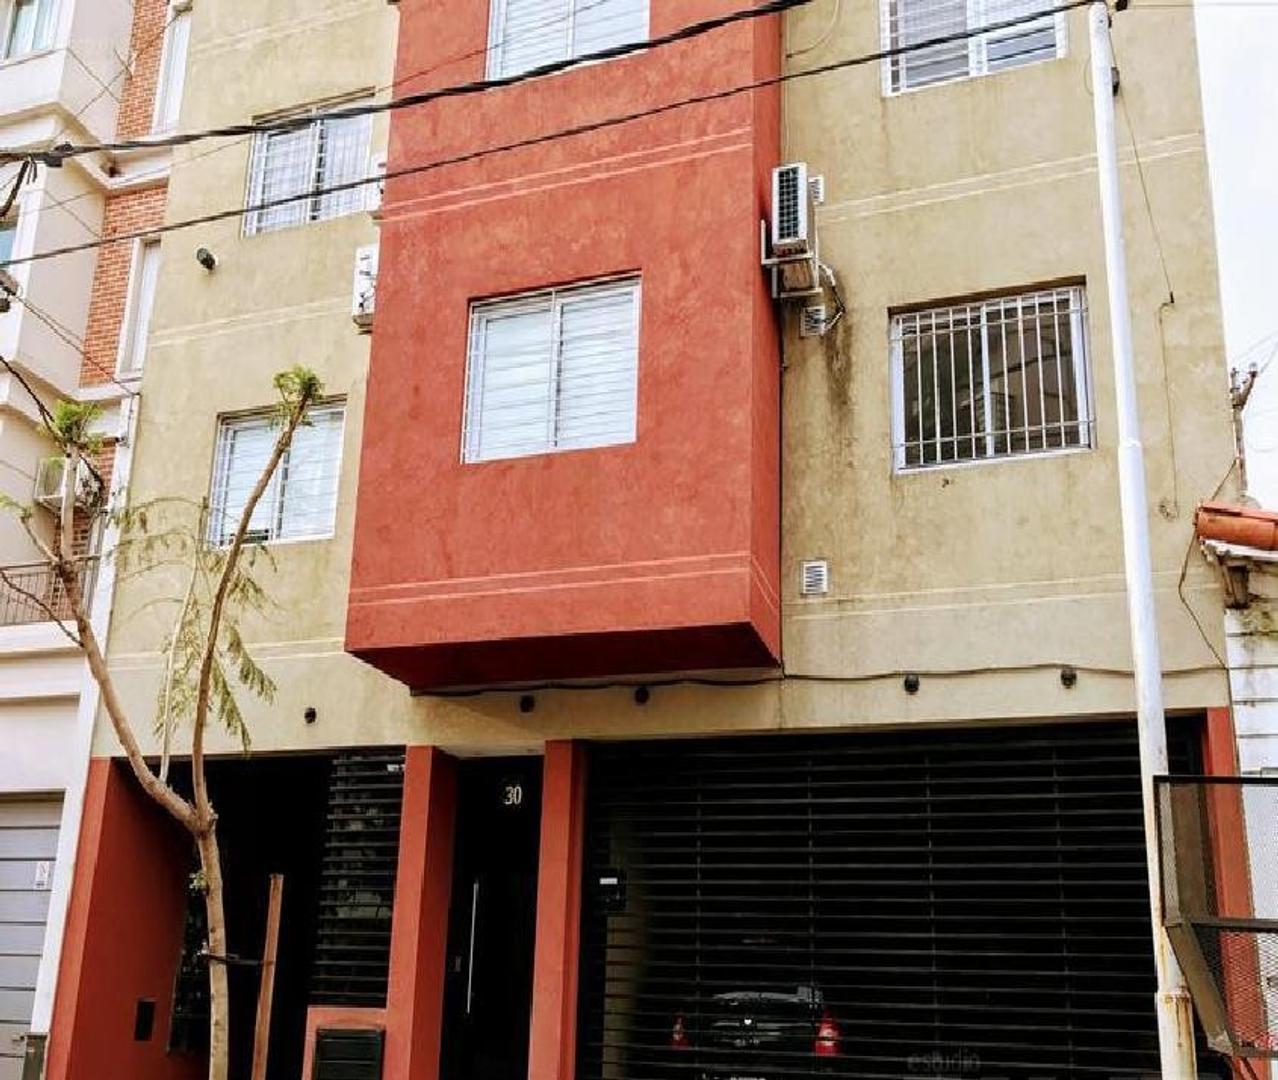 Departamento de dos ambientes en venta apto credito en Haedo Sur